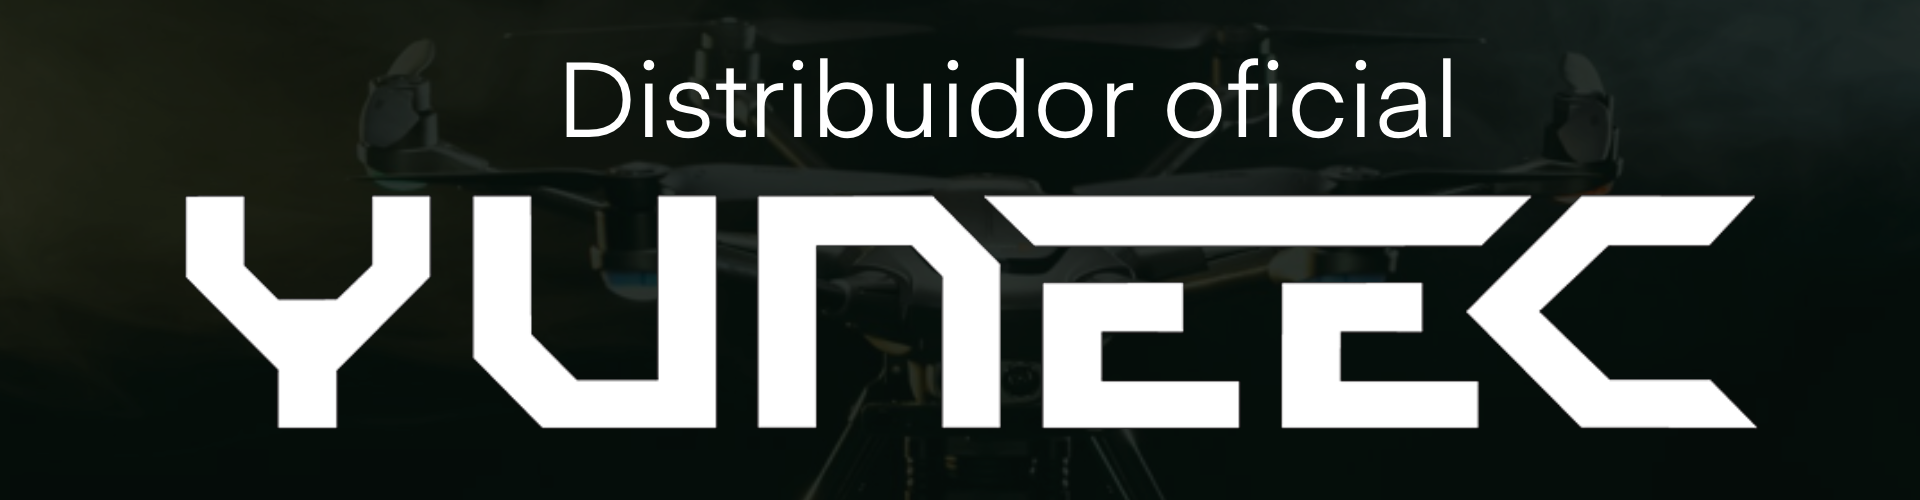 distribuidor oficial yuneec para españa